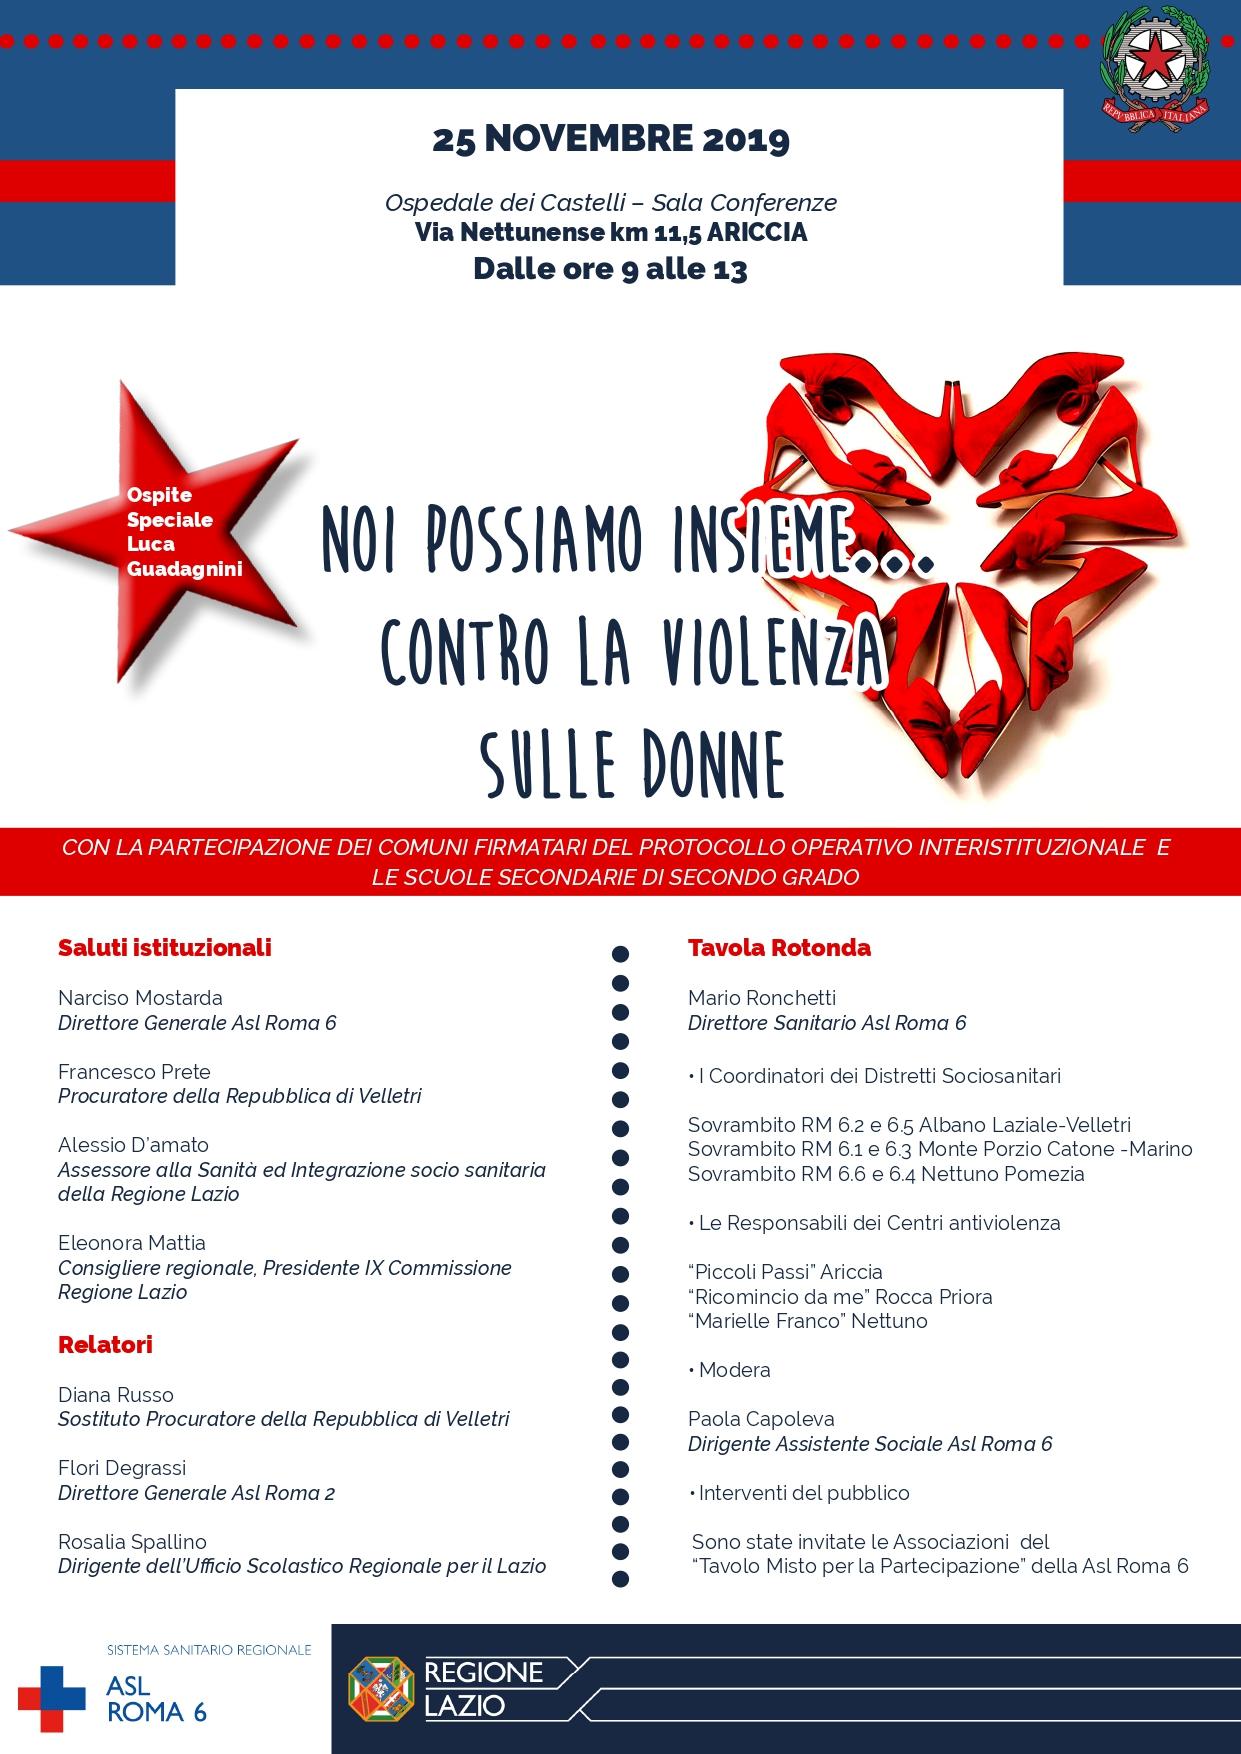 giornata contro la violenza sulle donne una tavola rotonda all ospedale dei castelli giornata contro la violenza sulle donne una tavola rotonda all ospedale dei castelli asl roma 6 giornata contro la violenza sulle donne